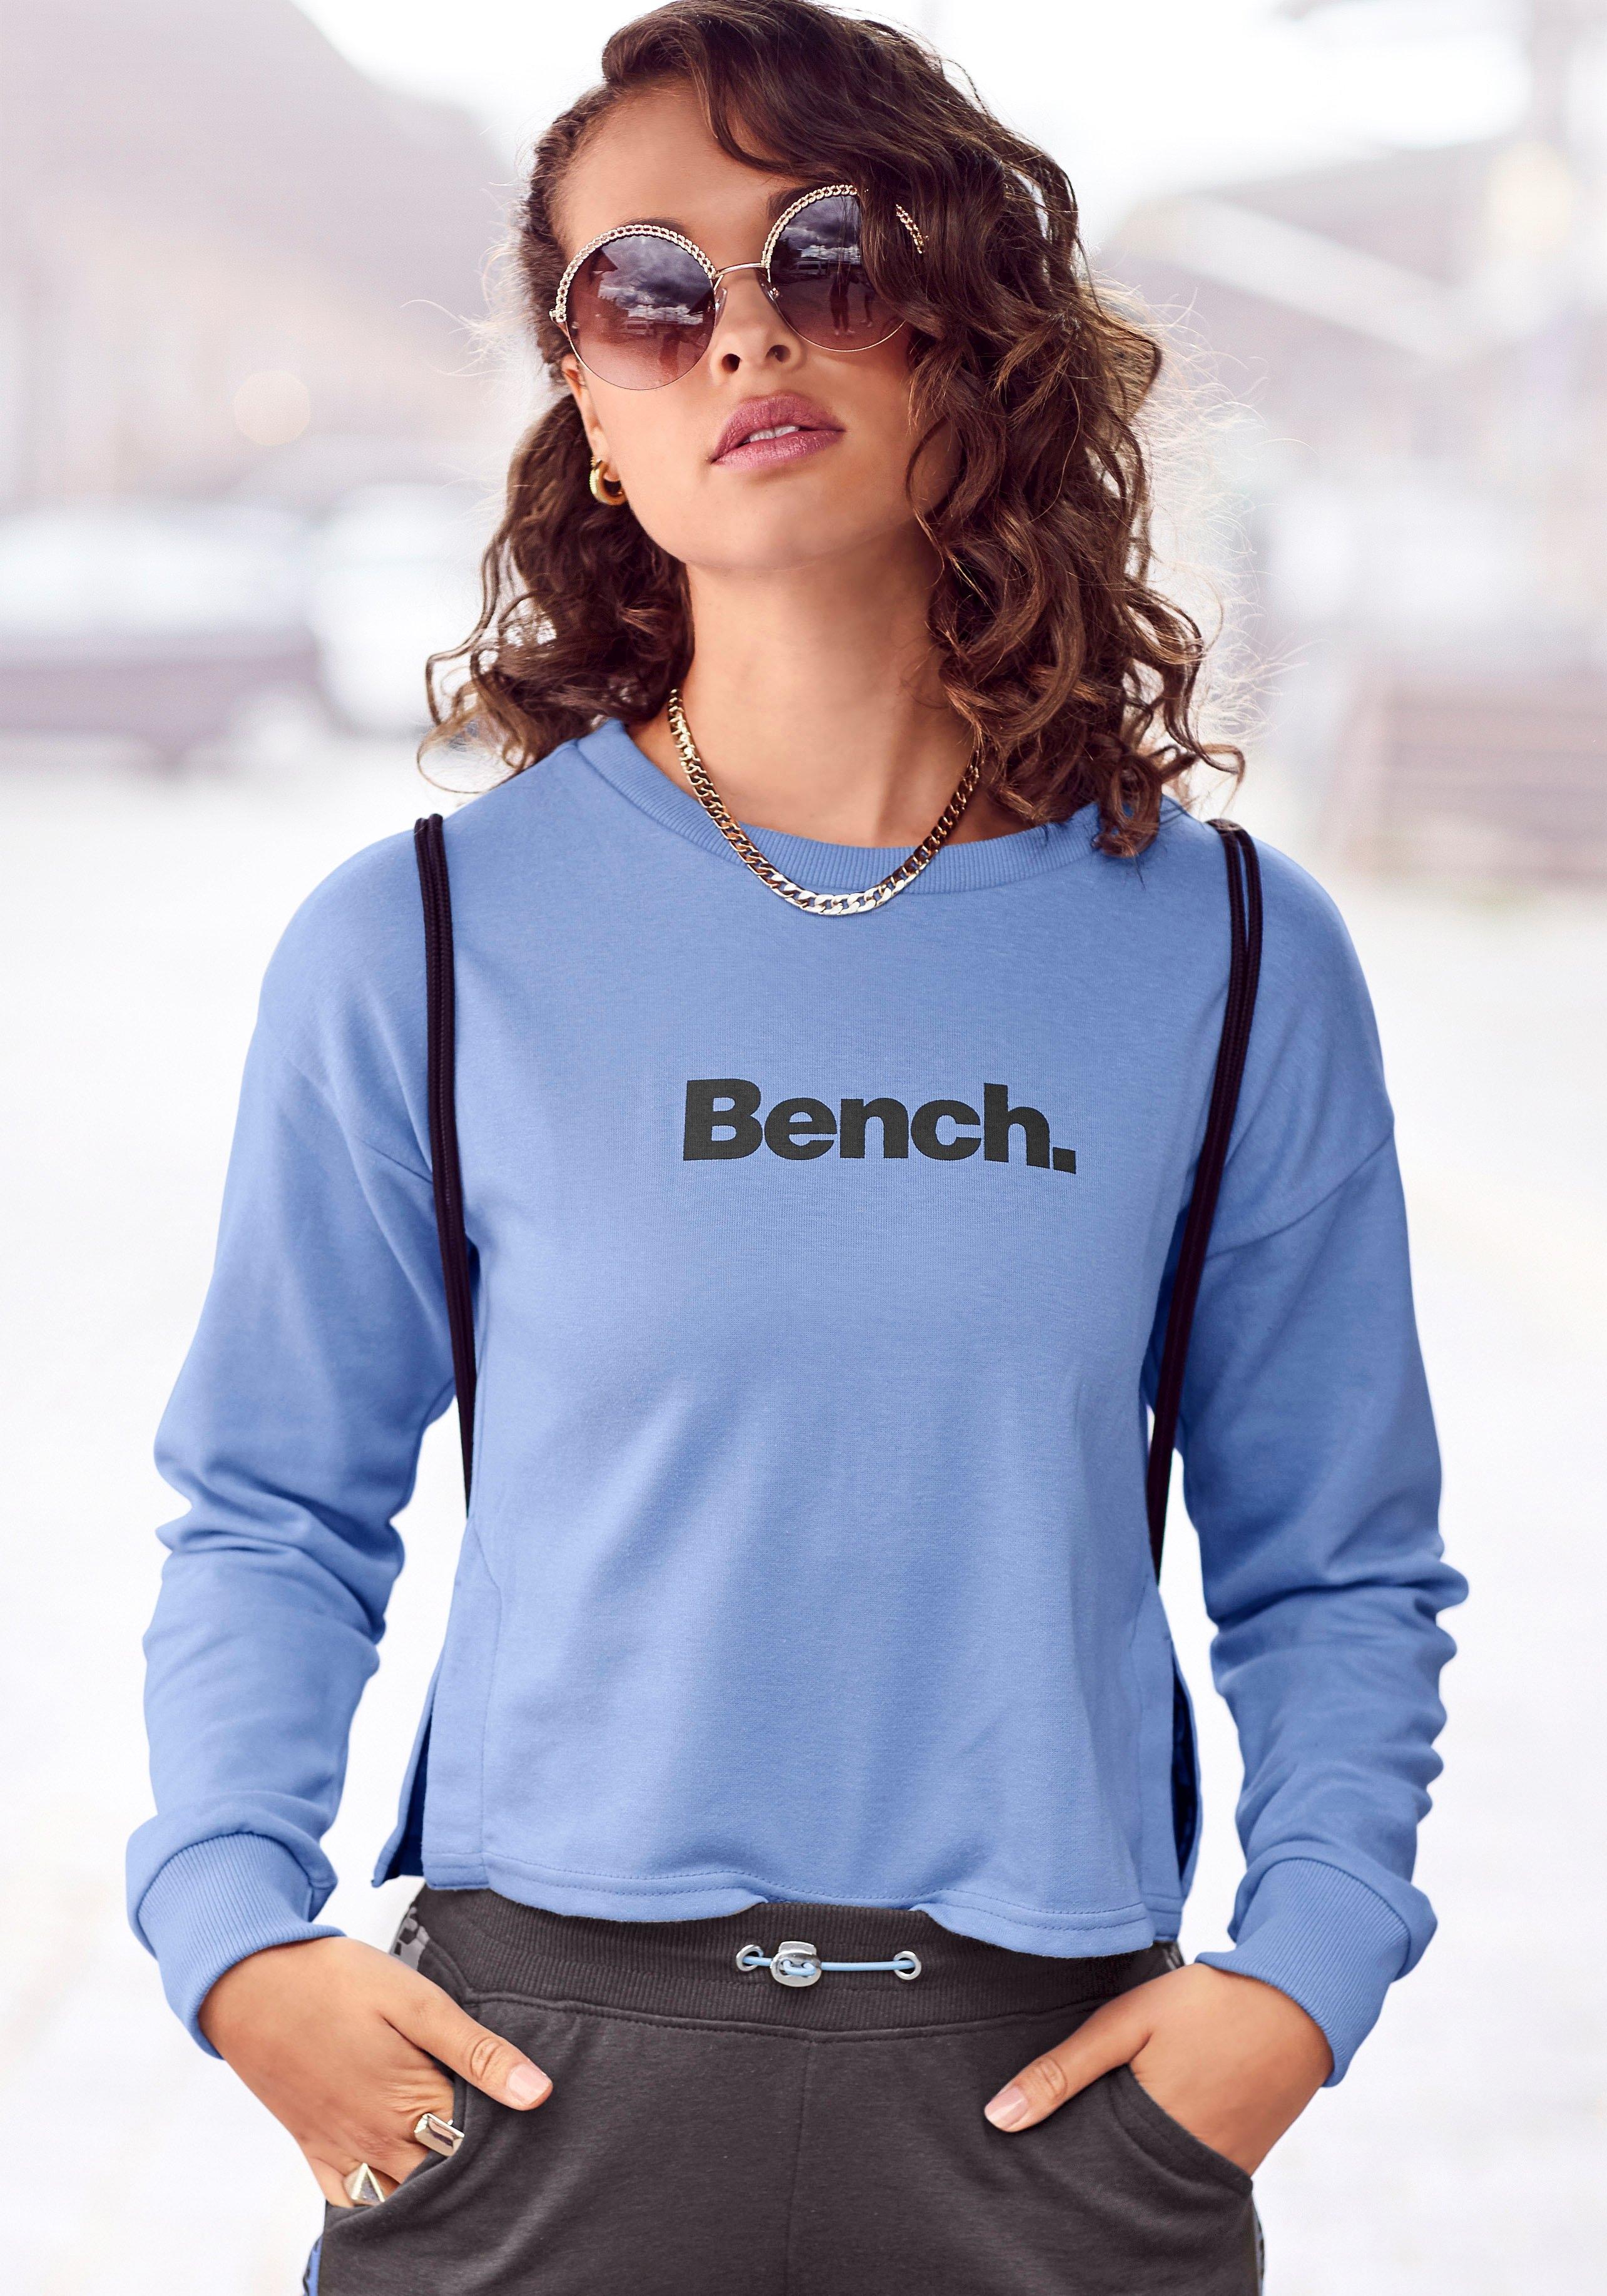 Bench. sweater kort model met splitjes opzij voordelig en veilig online kopen